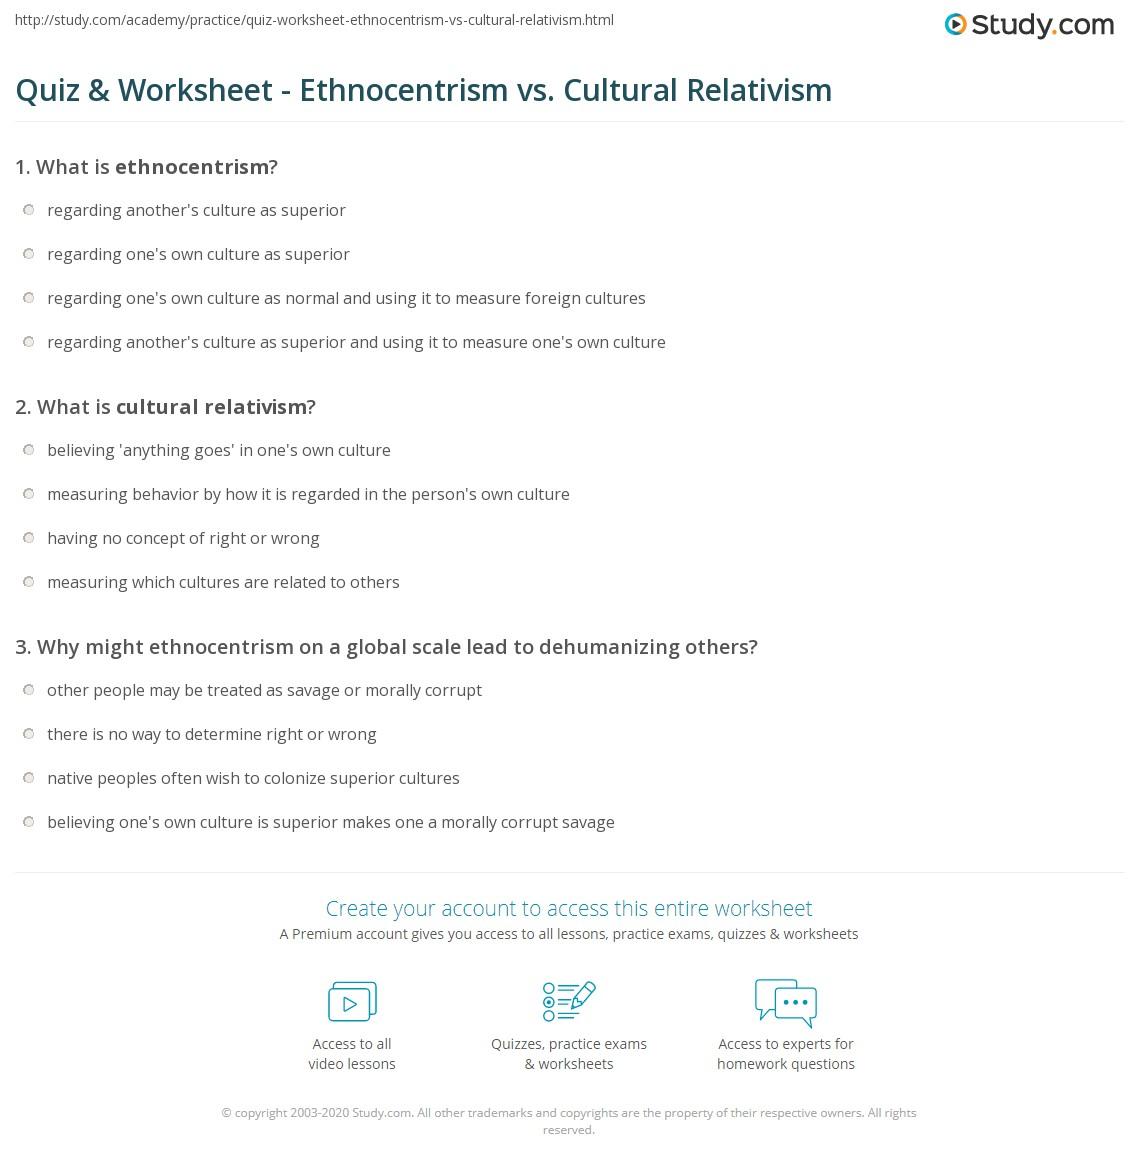 Quiz Worksheet Ethnocentrism Vs Cultural Relativism Study